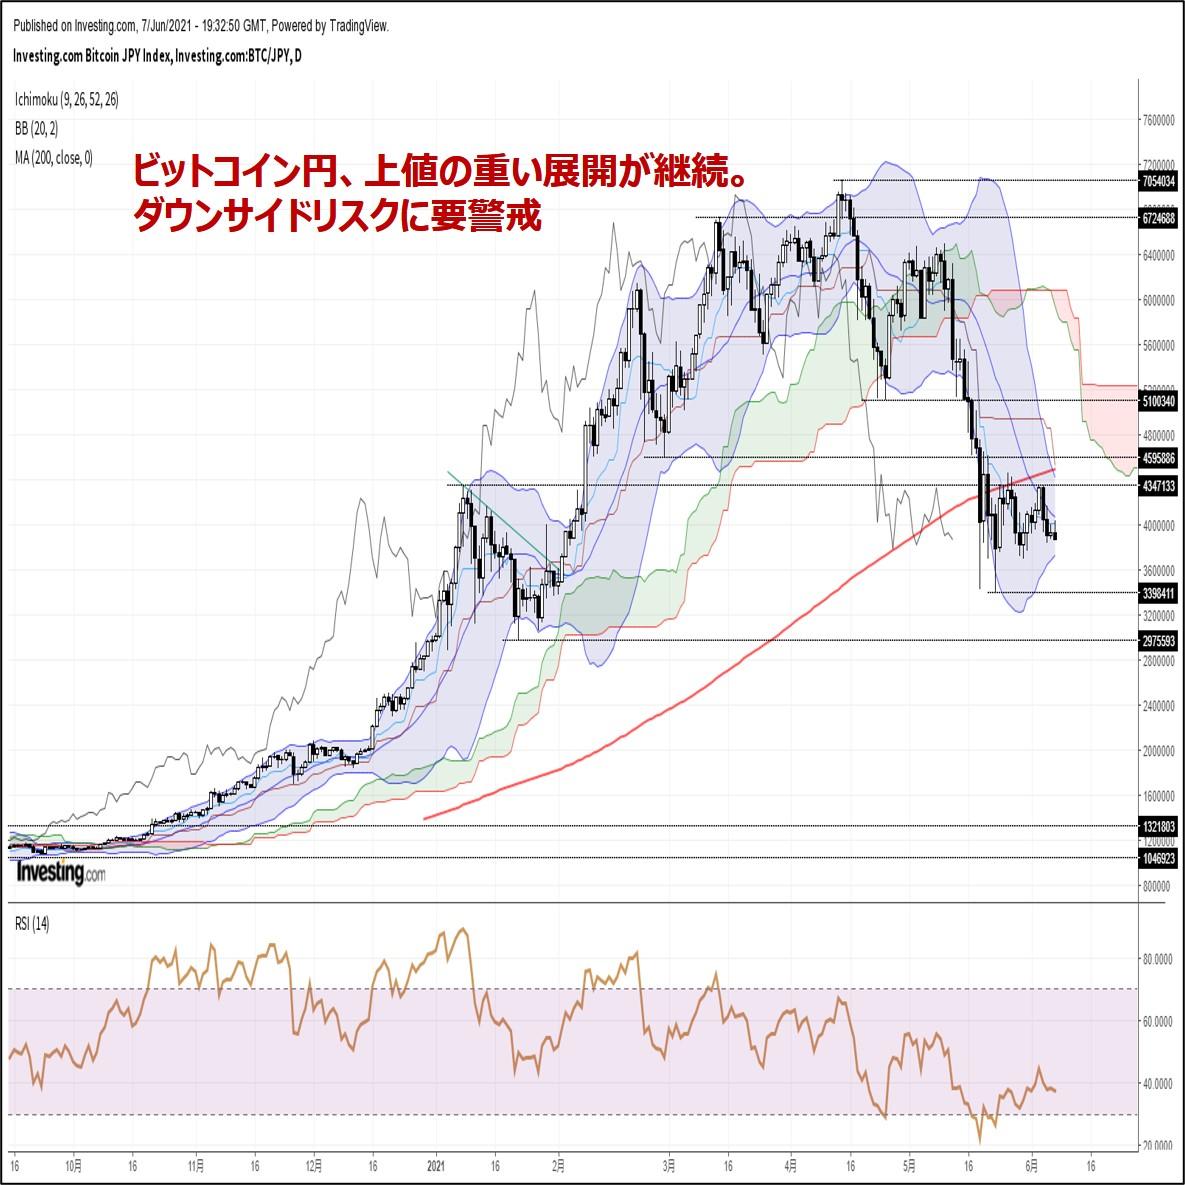 ビットコイン円、上値の重い展開が継続。ダウンサイドリスクに要警戒